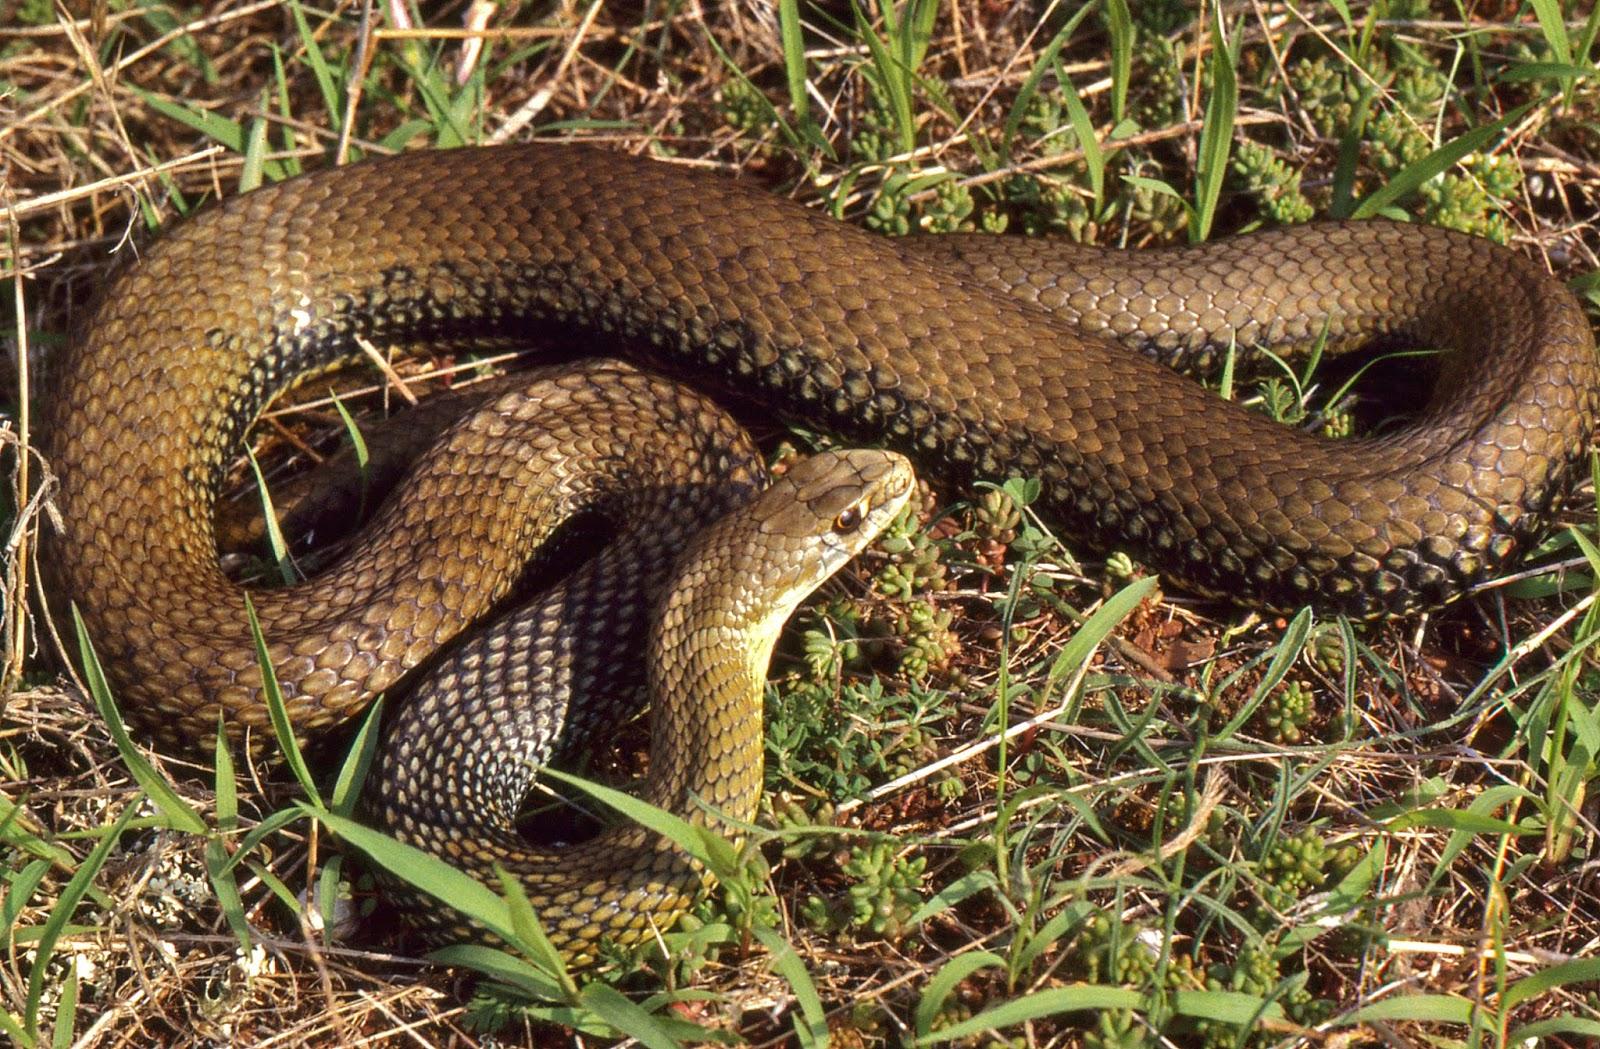 Cobras | Serpentes